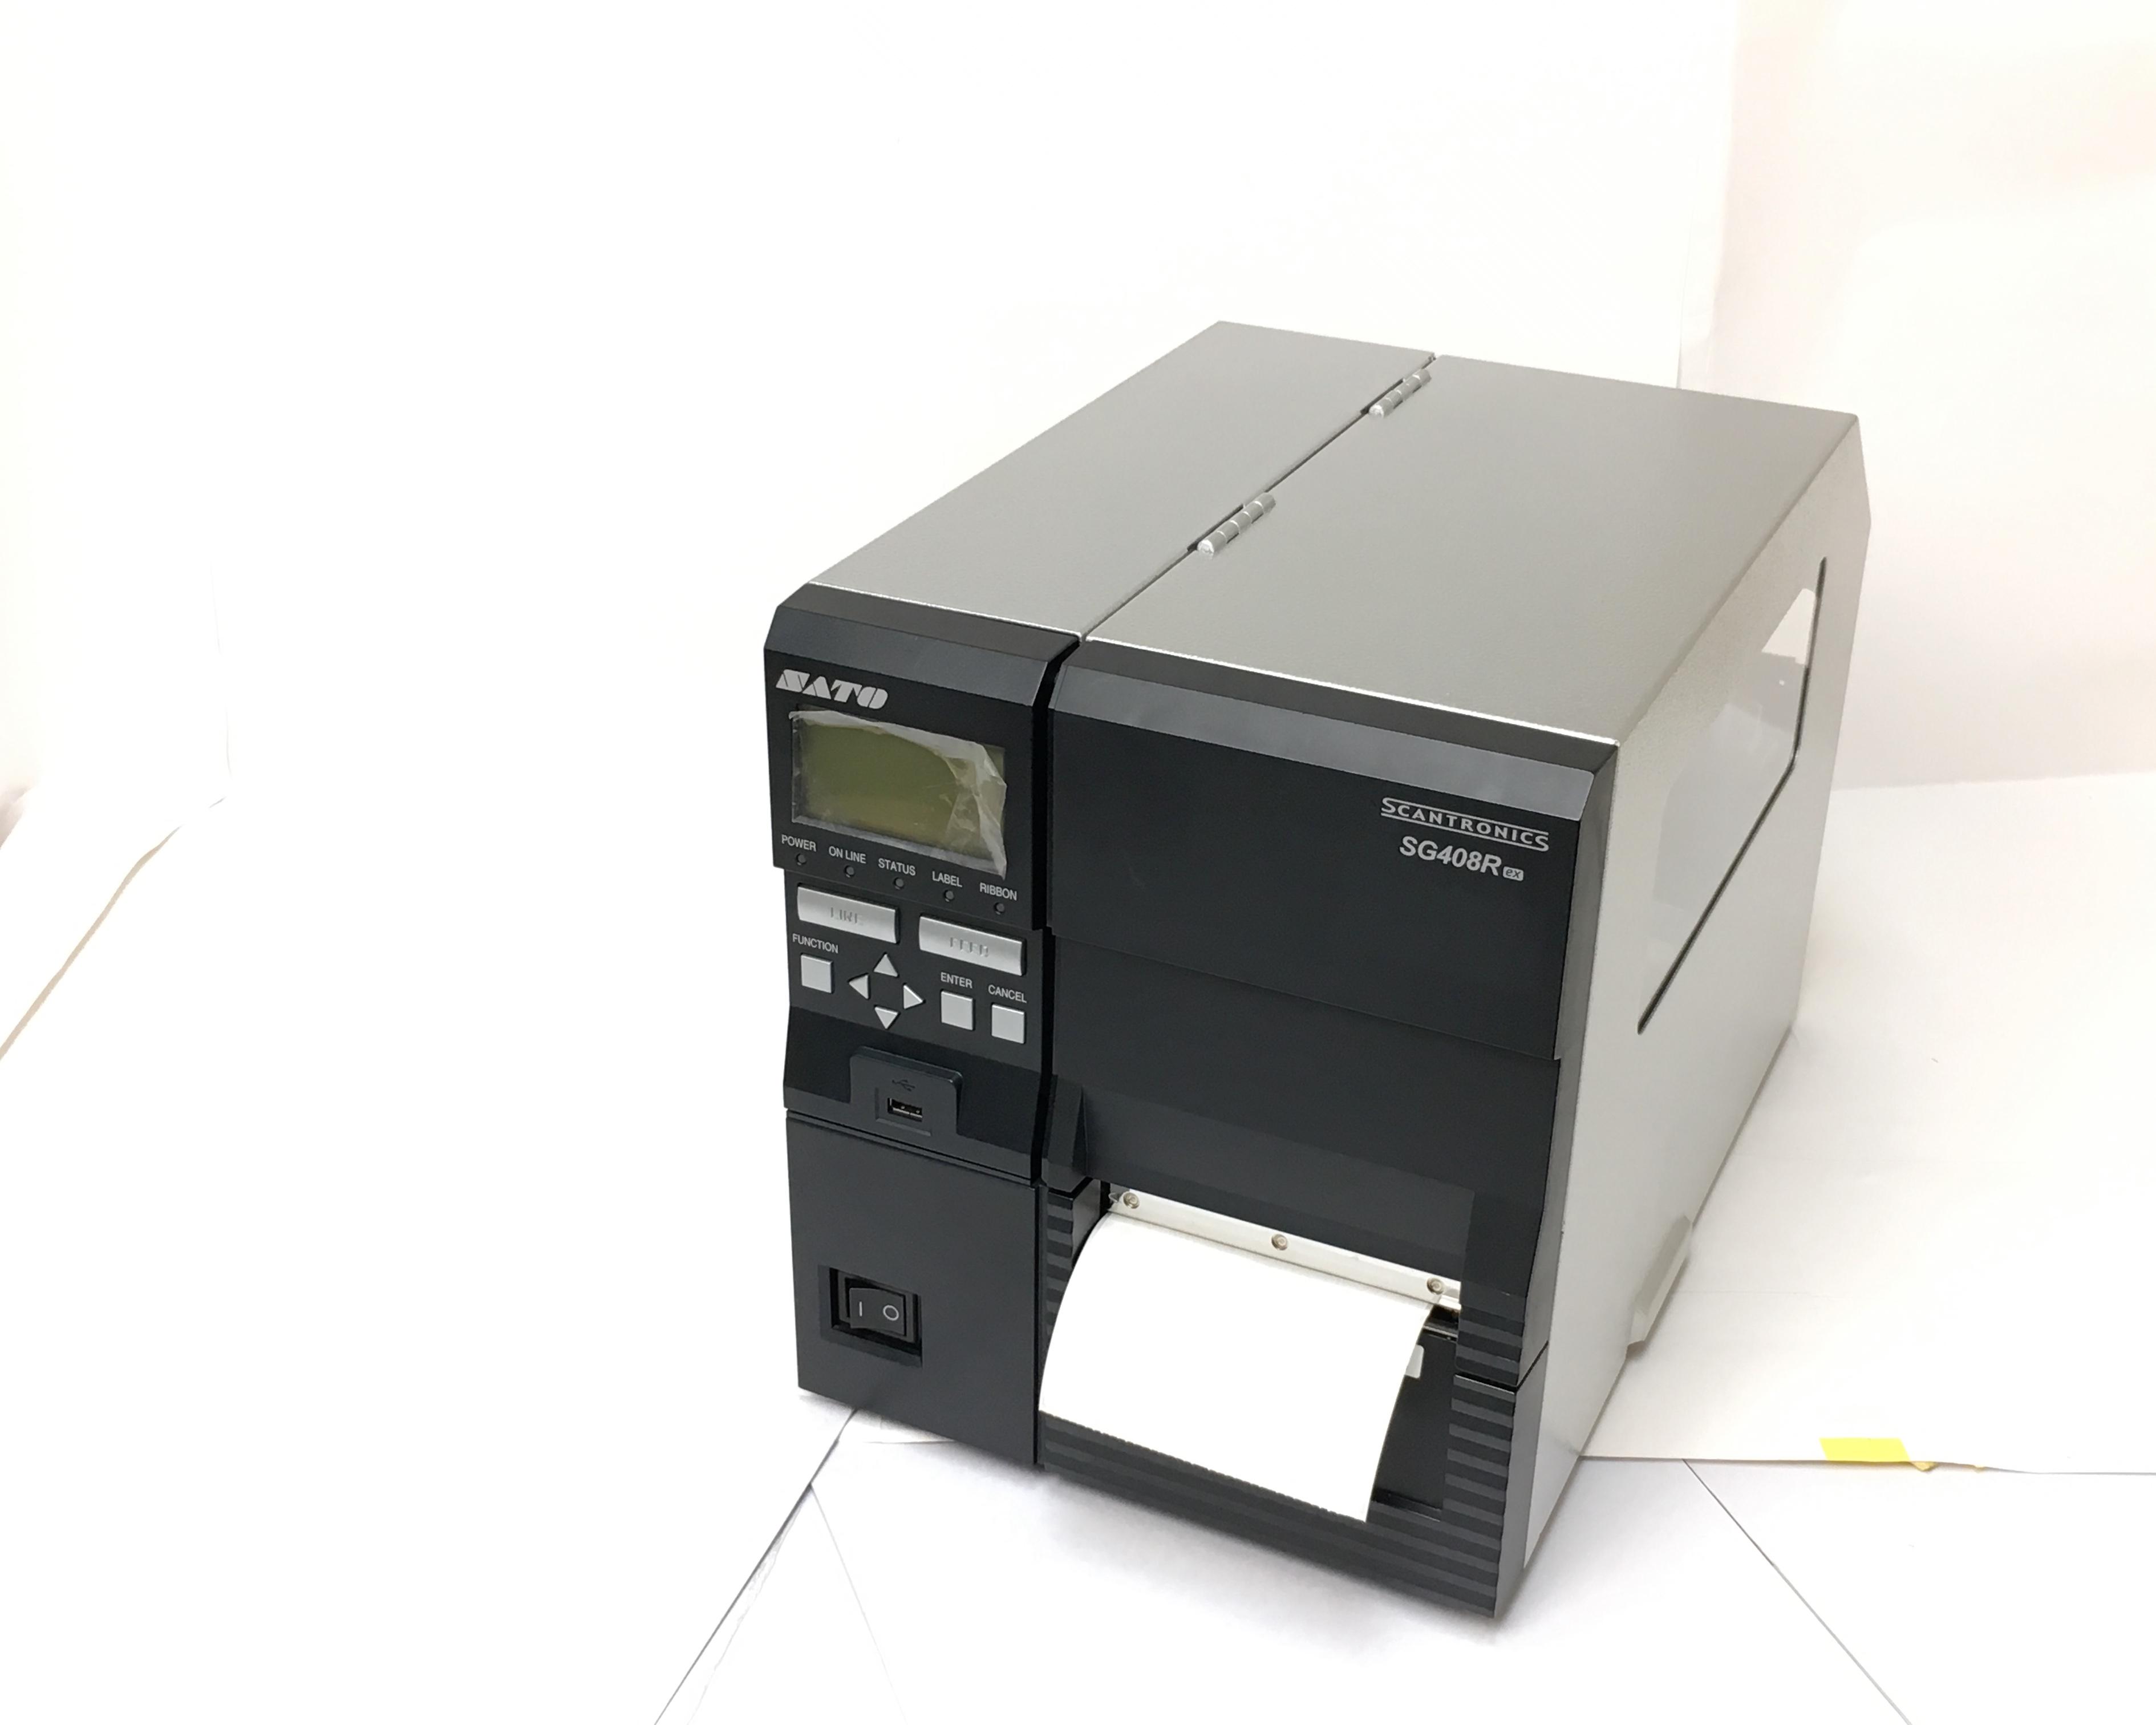 【お買得中古】SATO スキャントロニクス SG408R-EX (LAN/USB/PRT/RS232C) メイン画像